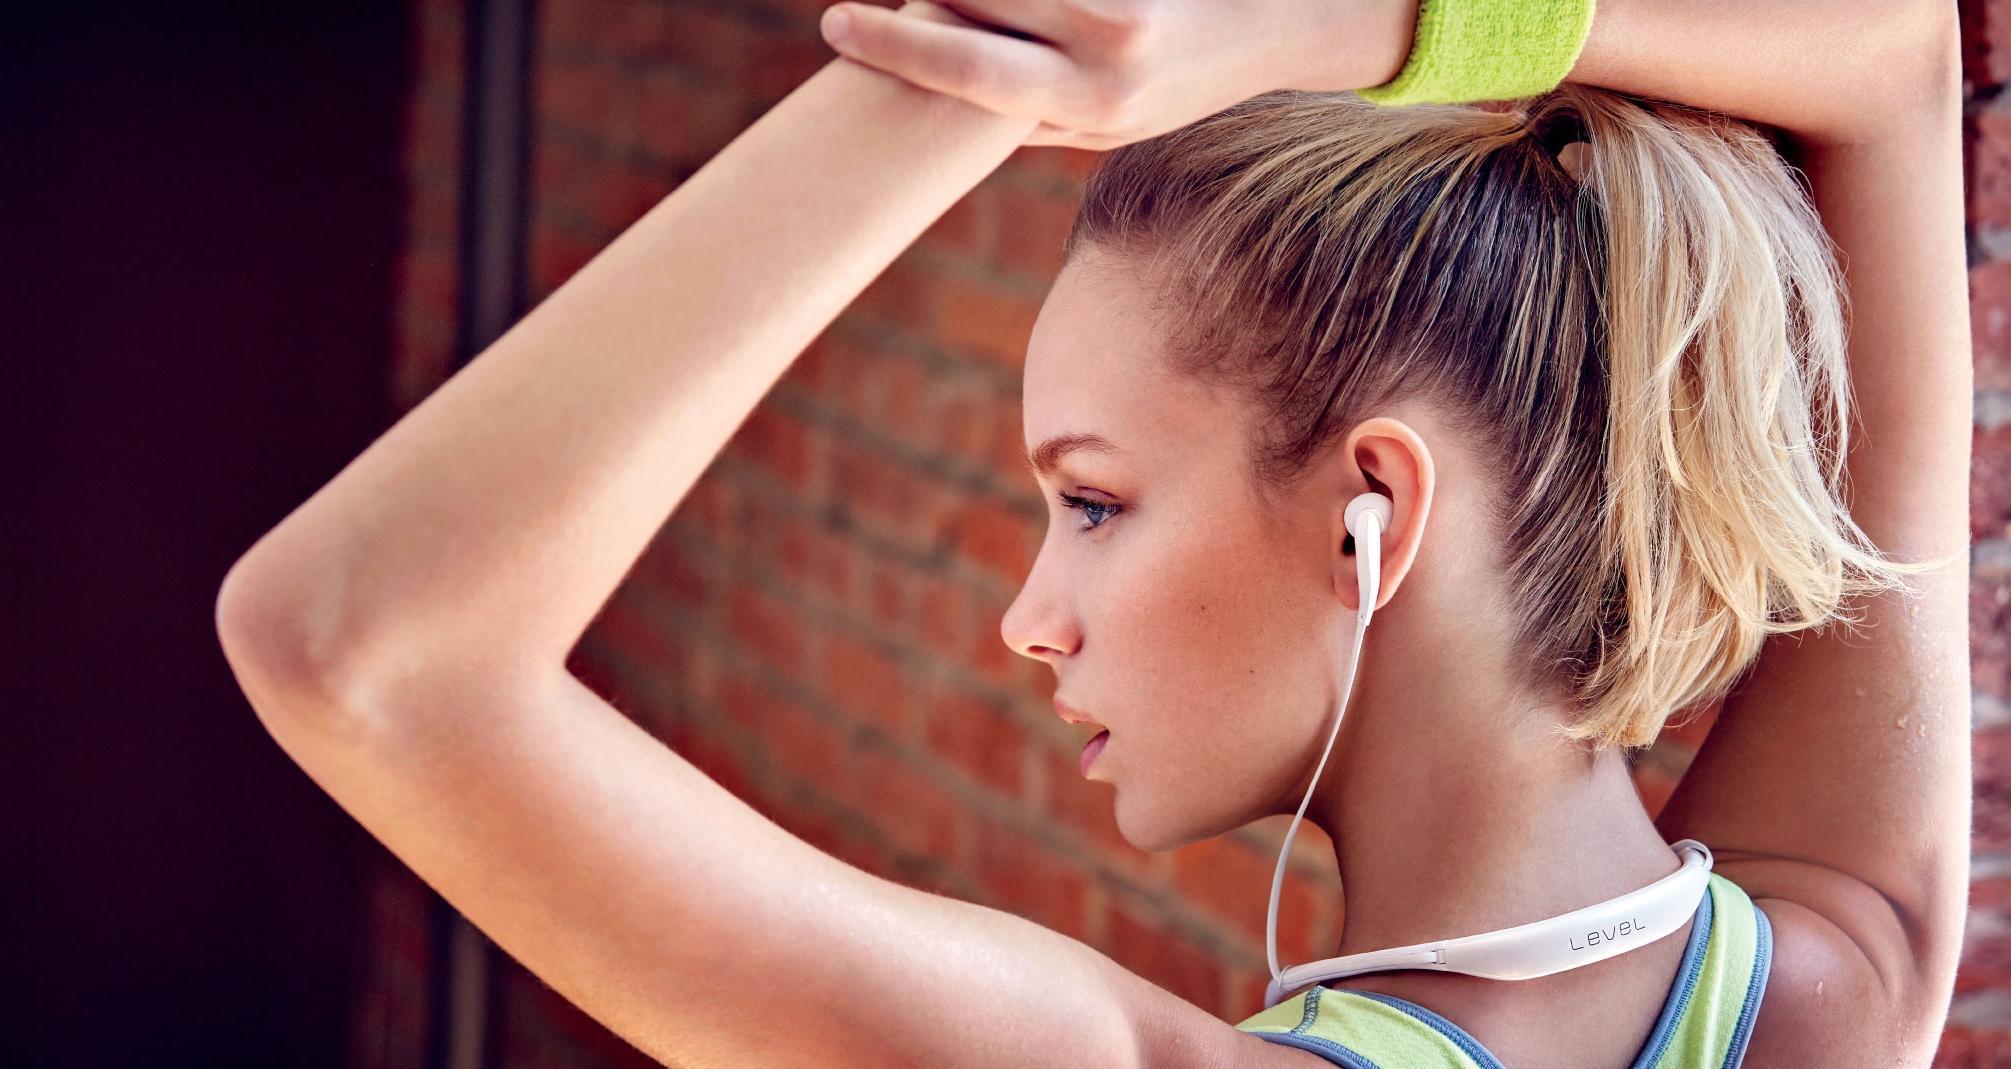 Человеческий слух воспринимает звук в пределах 85-90 децибел, а громкость наушников может составлять от 110 до 130 децибел, то чувствительность барабанной перепонки понижается, и человек будет хуже слышать